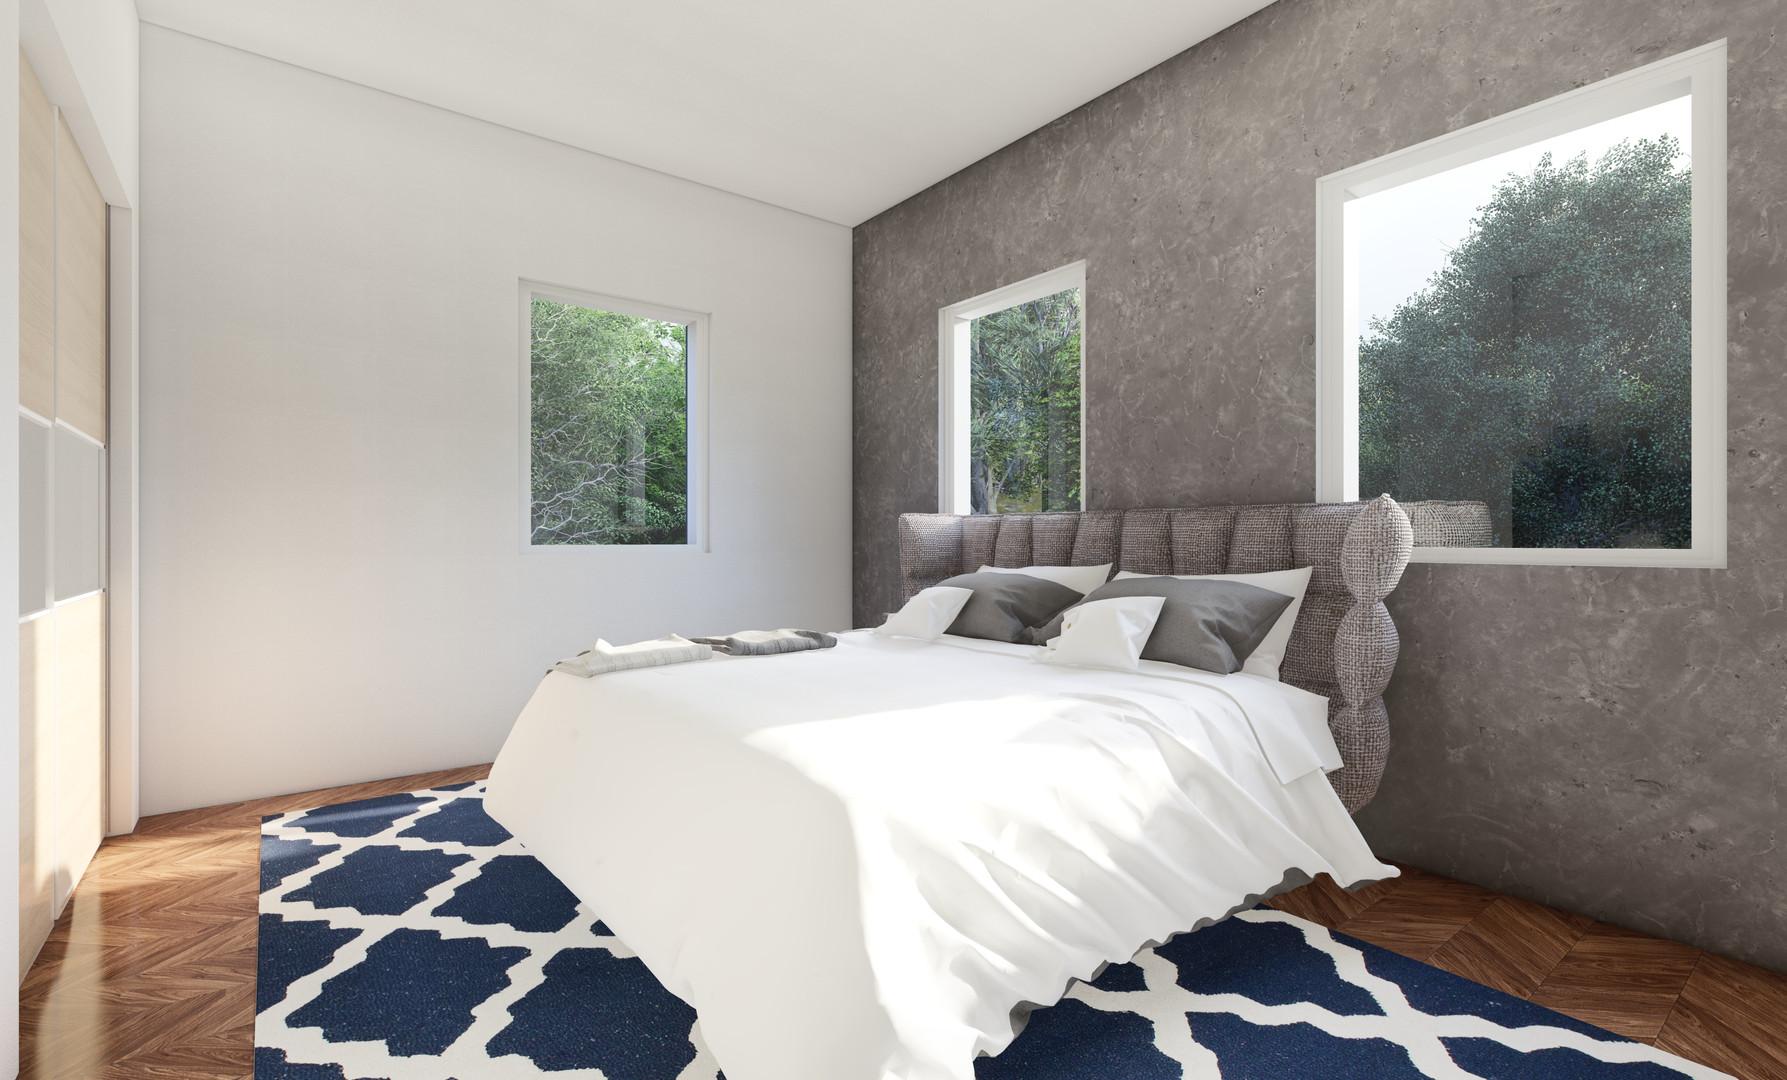 Mockupsecond floor bedroom.jpg